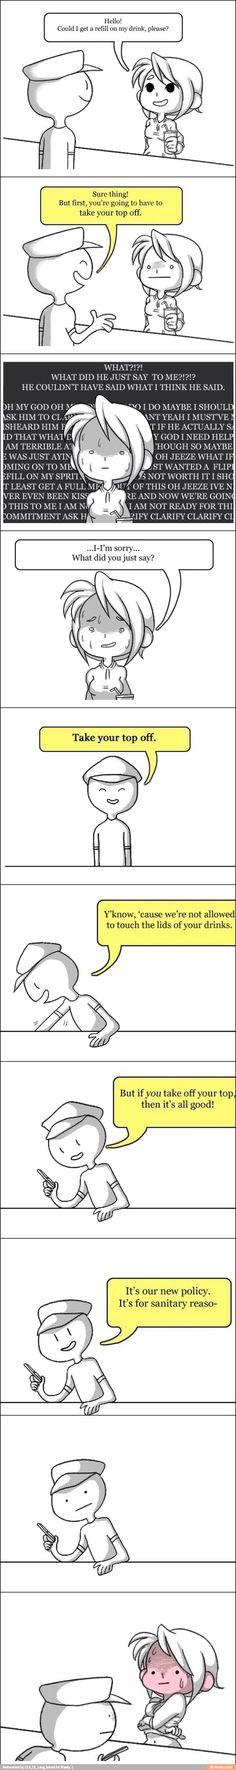 Awkward misunderstanding